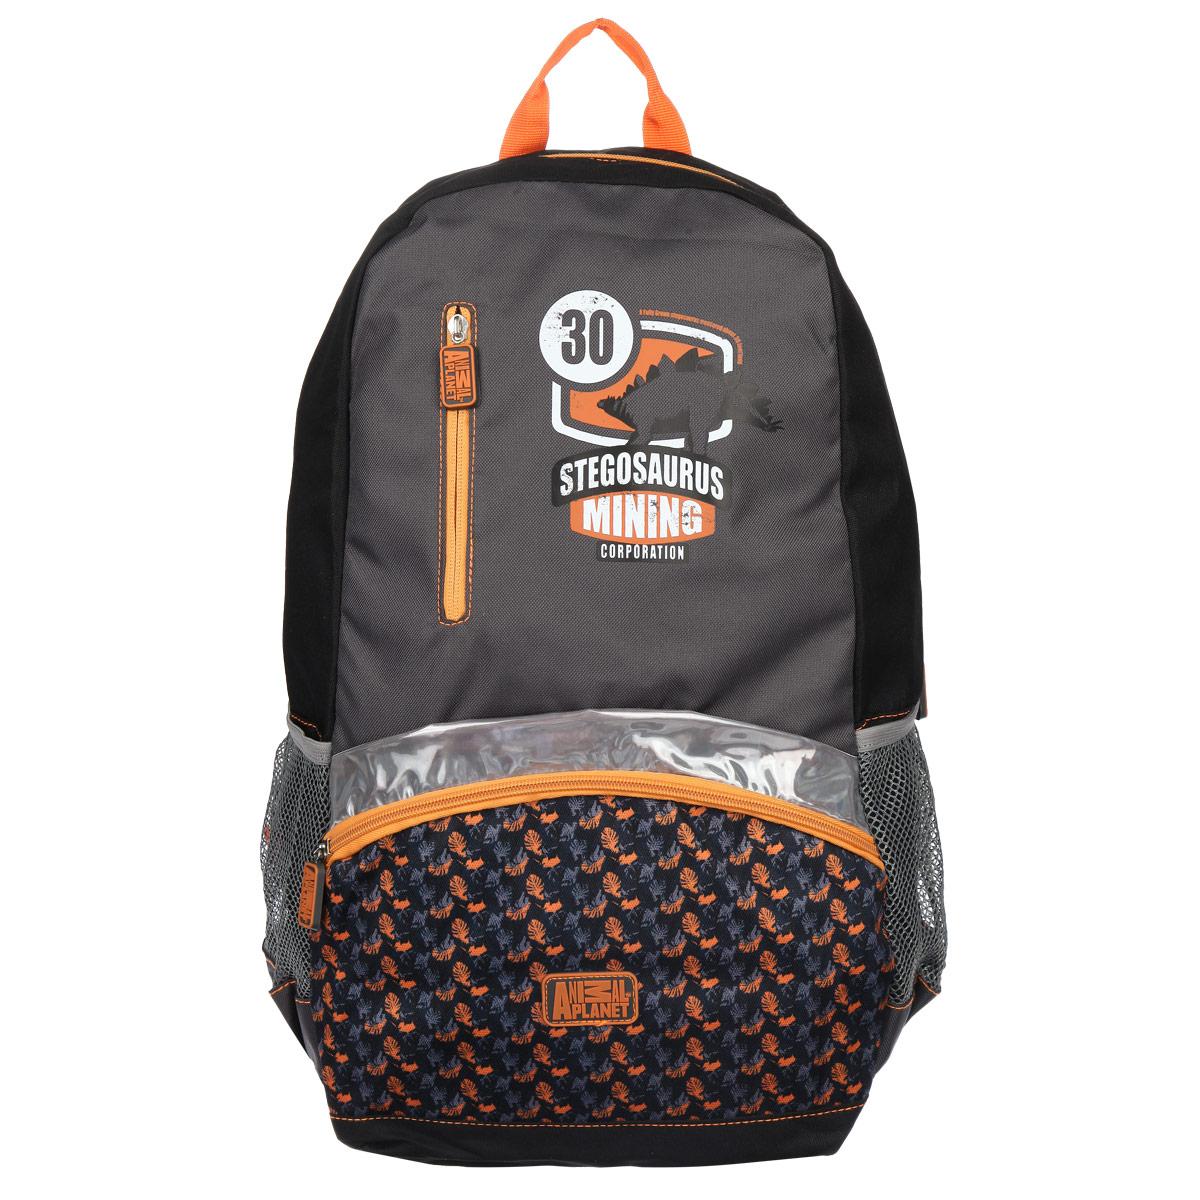 Рюкзак Action! Animal Planet, цвет: серый, оранжевый, черный